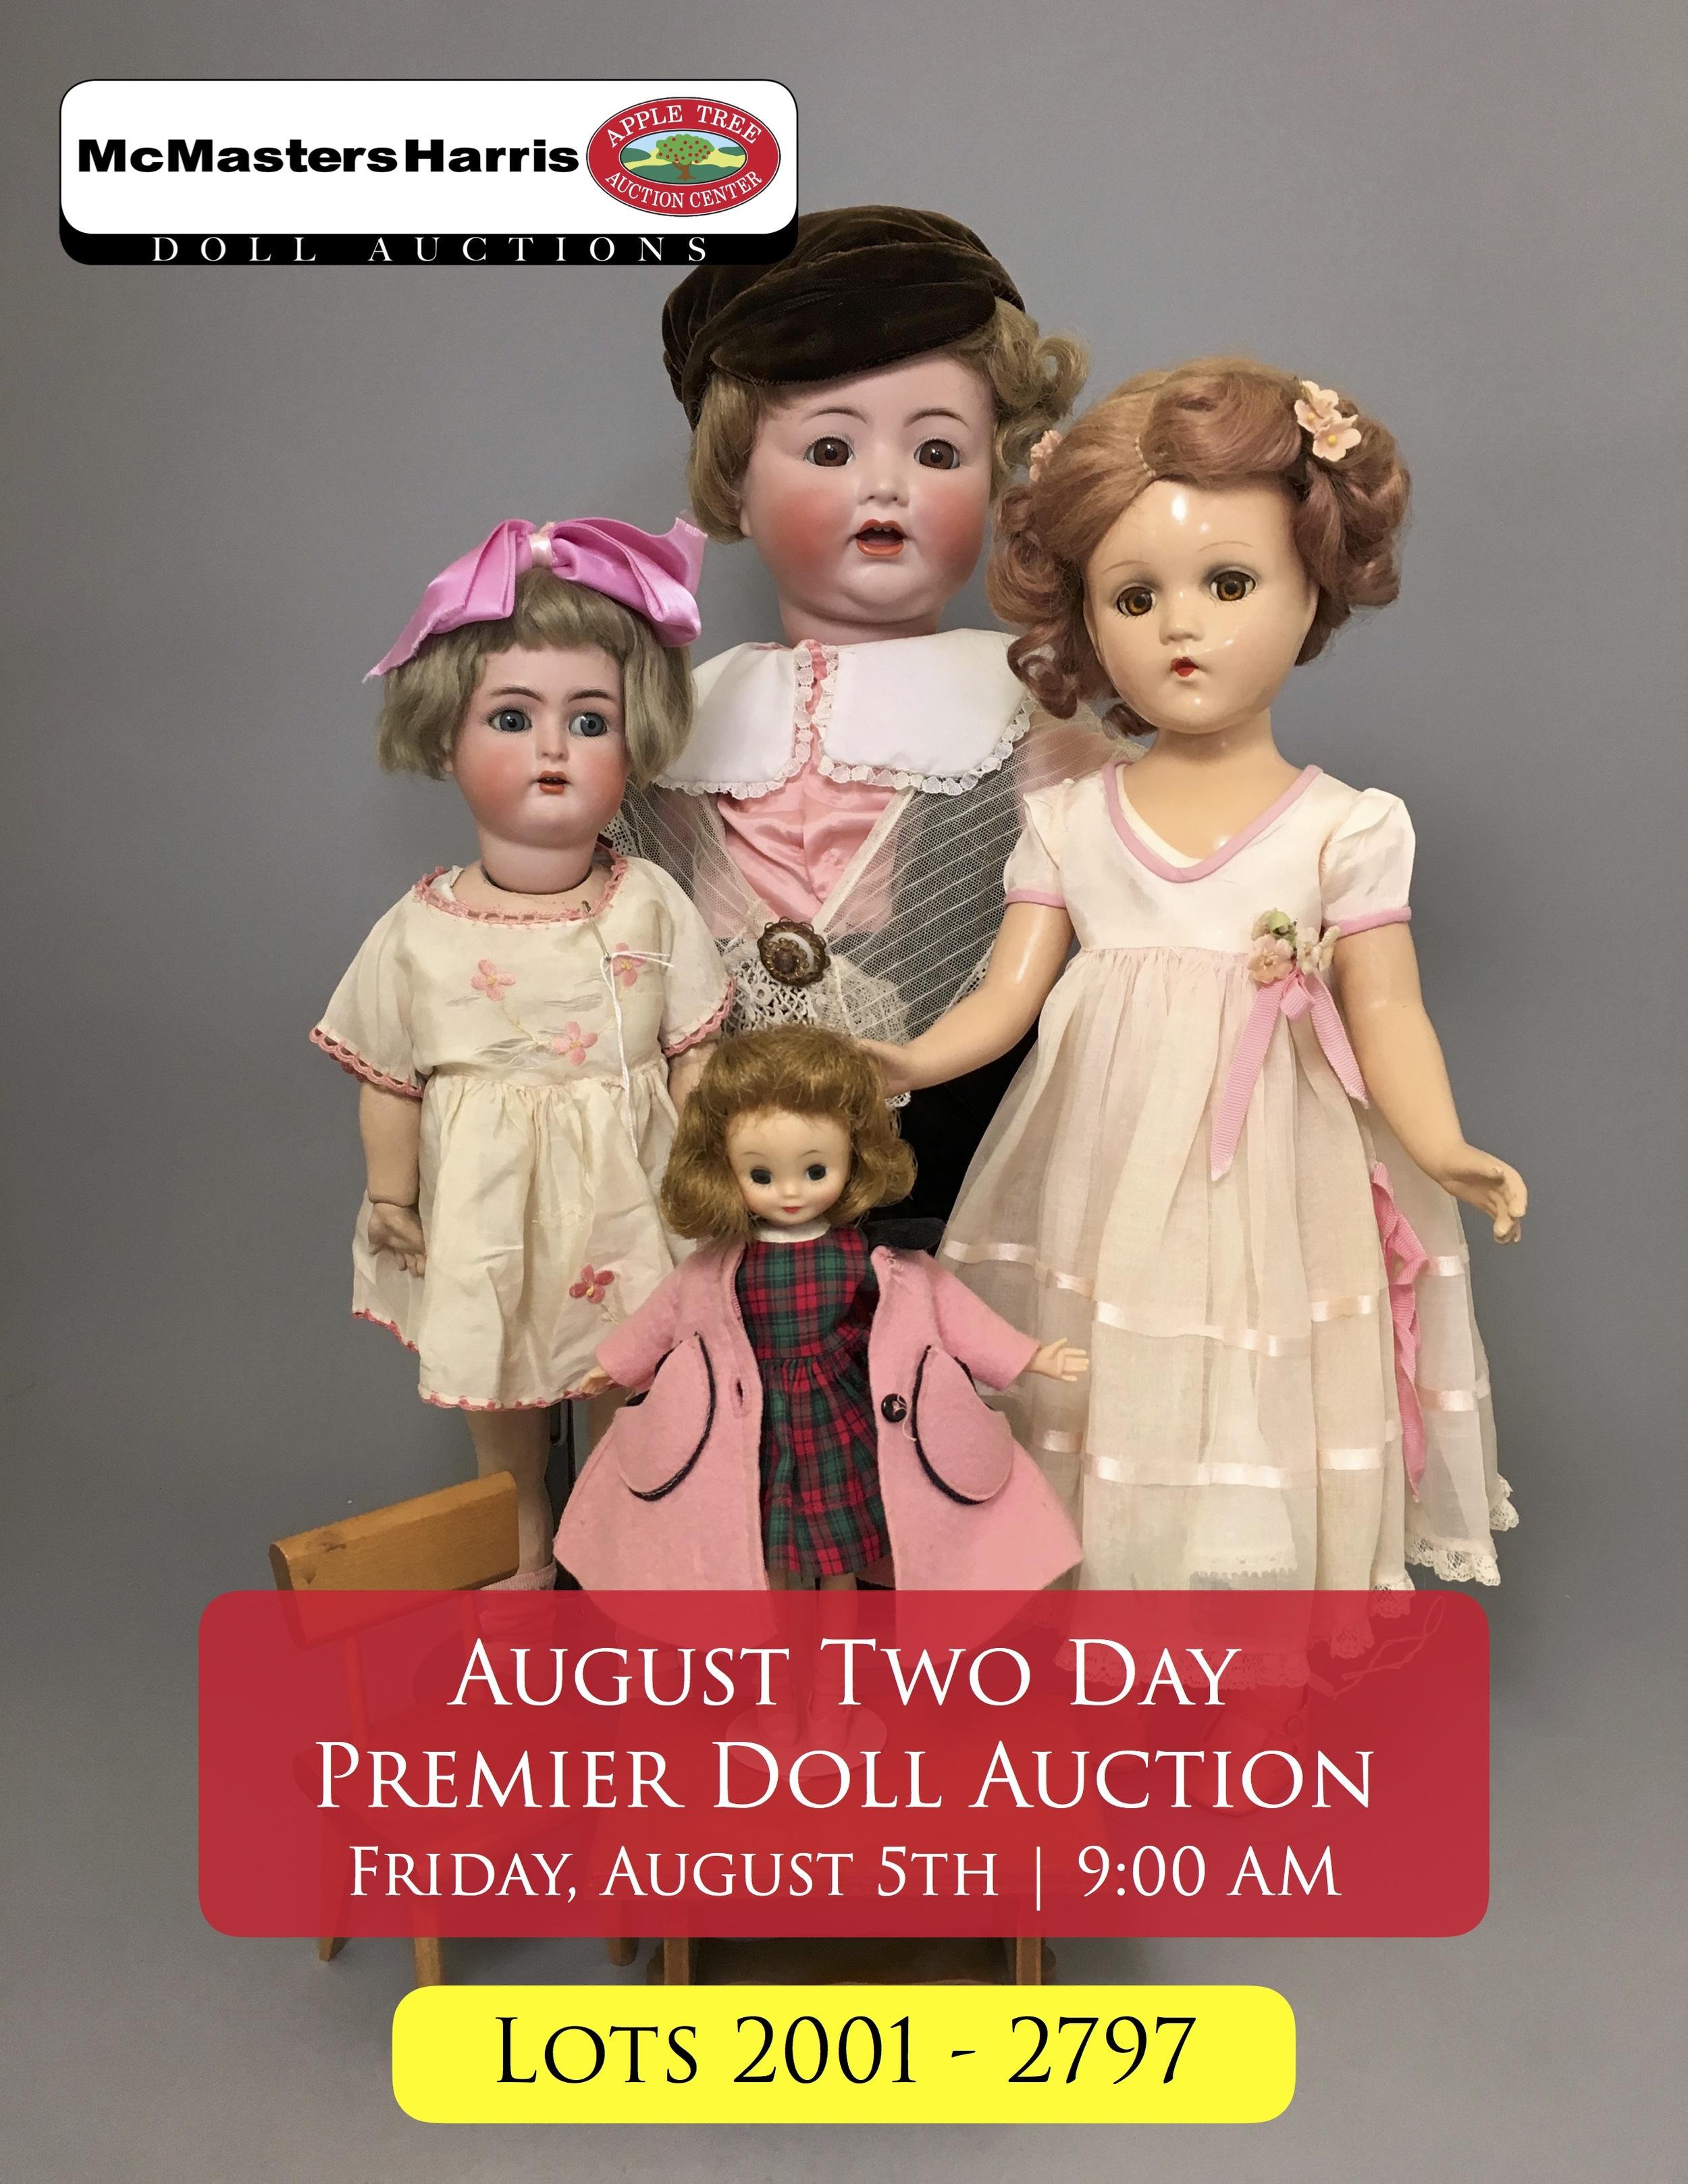 August Premier Doll 2001-2797 Cover.jpg